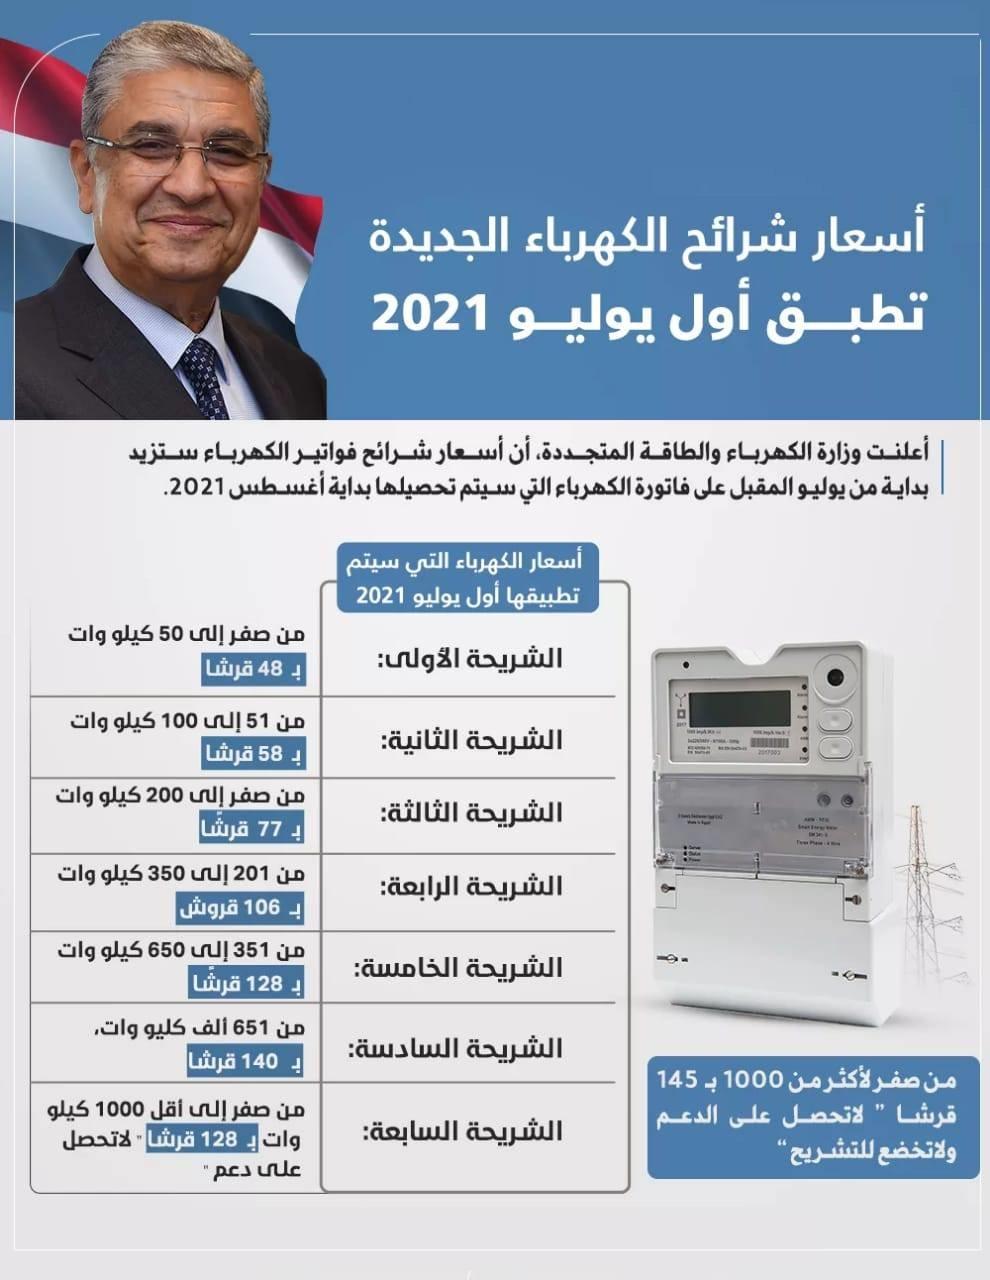 أسعار شرائح الكهرباء الجديدة .. تطبق أول يوليو 2021 41764